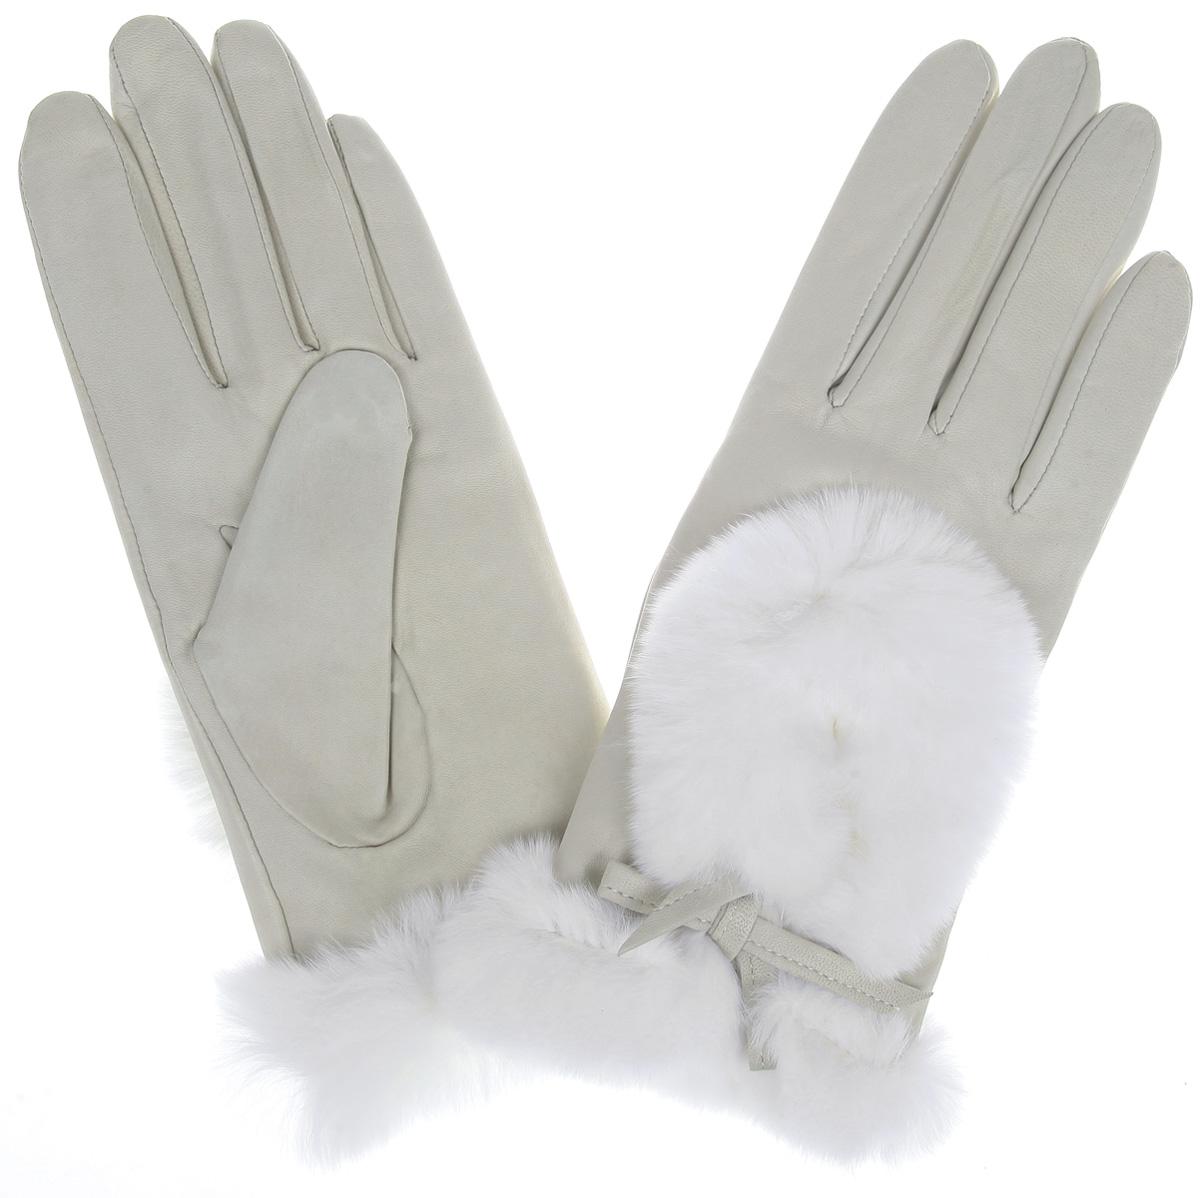 Перчатки женские. IS617IS617Элегантные женские перчатки Eleganzza станут великолепным дополнением вашего образа и защитят ваши руки от холода и ветра во время прогулок. Перчатки выполнены из натуральной кожи и имеют подкладку из шерстяной пряжи, что позволяет им надежно сохранять тепло и обеспечивает высокую гигроскопичность. Перчатки оформлены натуральным мехом кролика и дополнены оригинальными декоративными каплевидными вырезами на тыльной стороне. Такие перчатки будут оригинальным завершающим штрихом в создании современного модного образа, они подчеркнут ваш изысканный вкус и станут незаменимым и практичным аксессуаром.